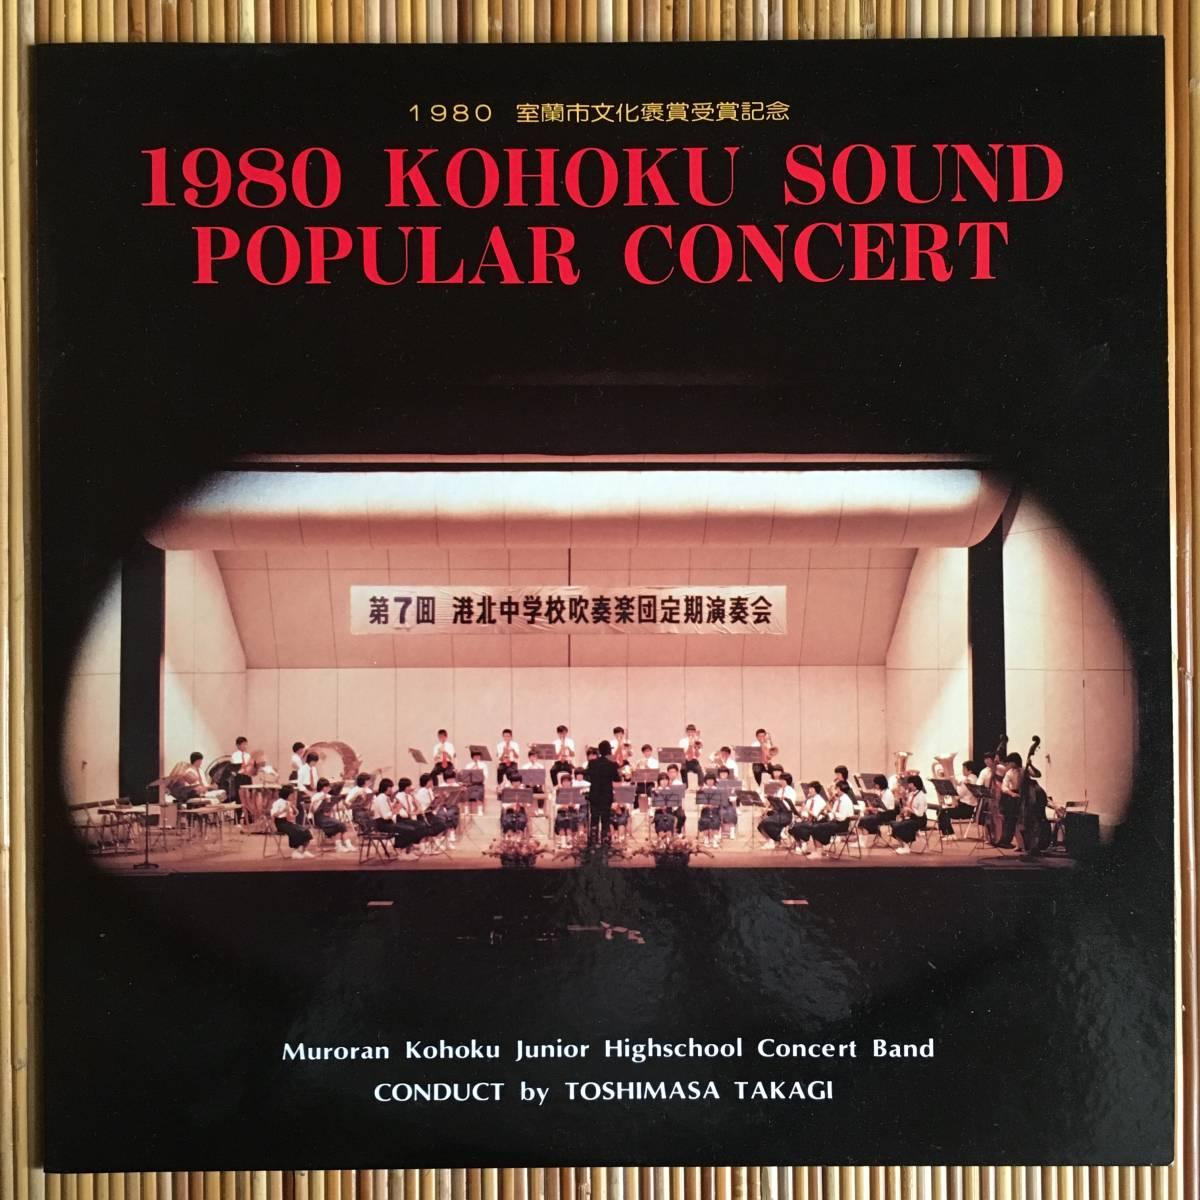 《自主盤》『1980 KOHOKU SOUND POPULAR CONCERT』LP~室蘭市/港北中学校吹奏楽部定期演奏会/吹奏楽/ブラスバンド/にほ_画像1